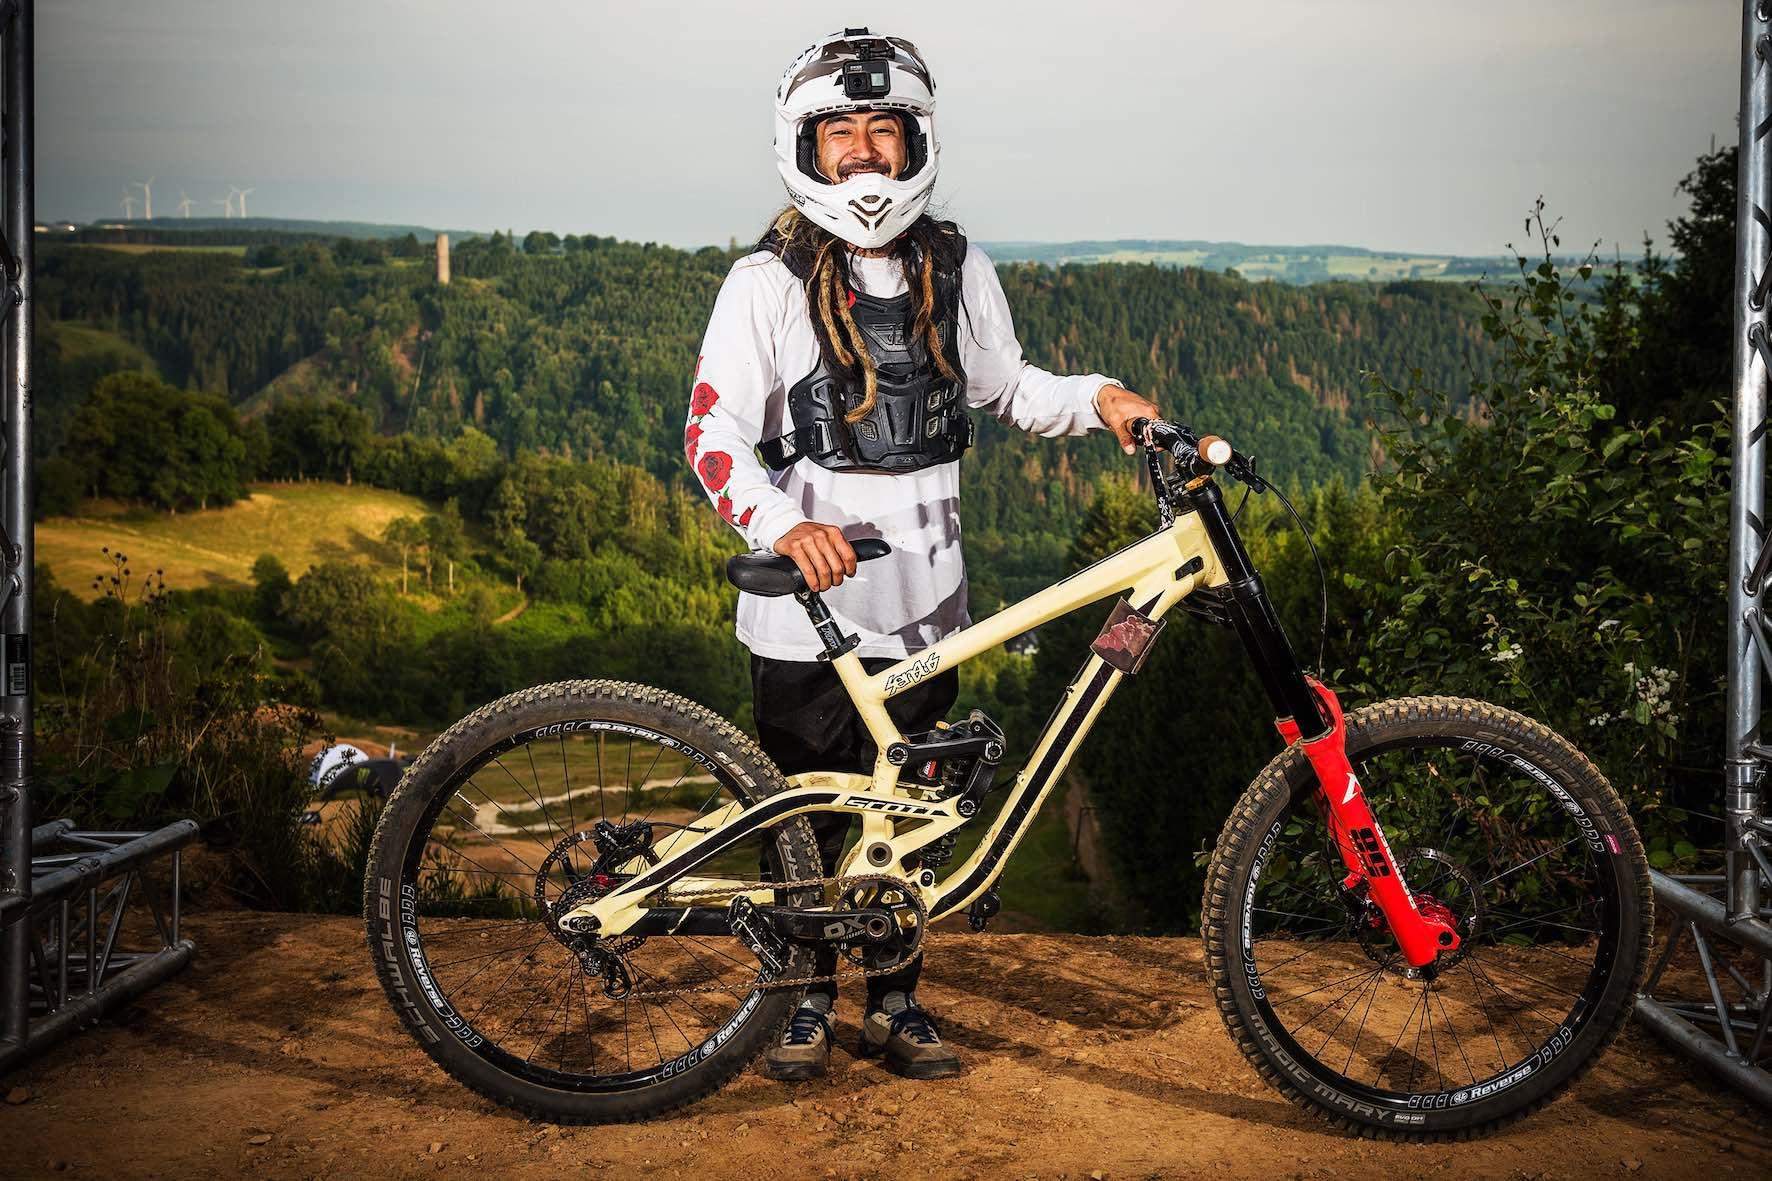 Bikes of Loosefest XL - Damon Iwanaga on Scott